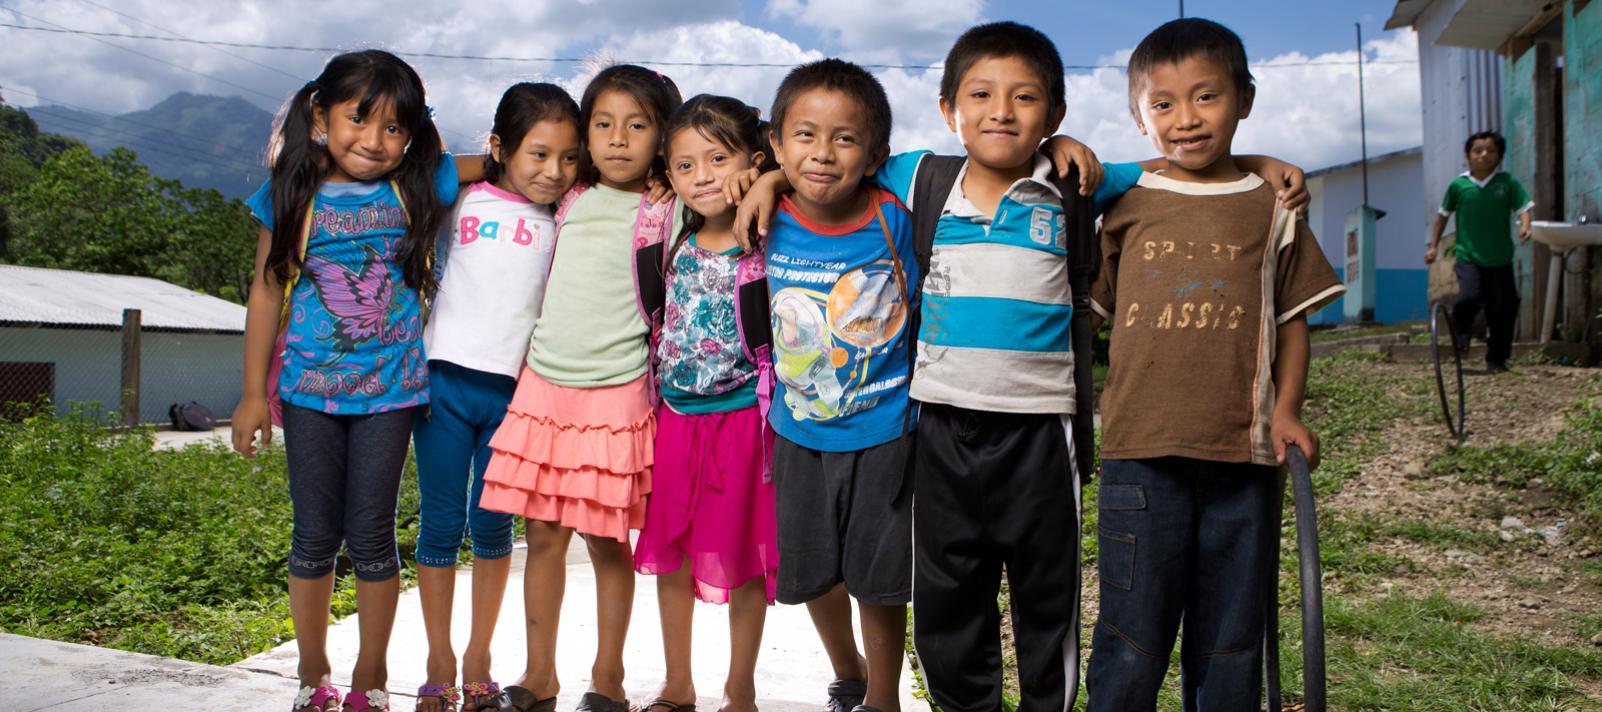 Niños y niñas en América Latina y el Caribe   UNICEF América